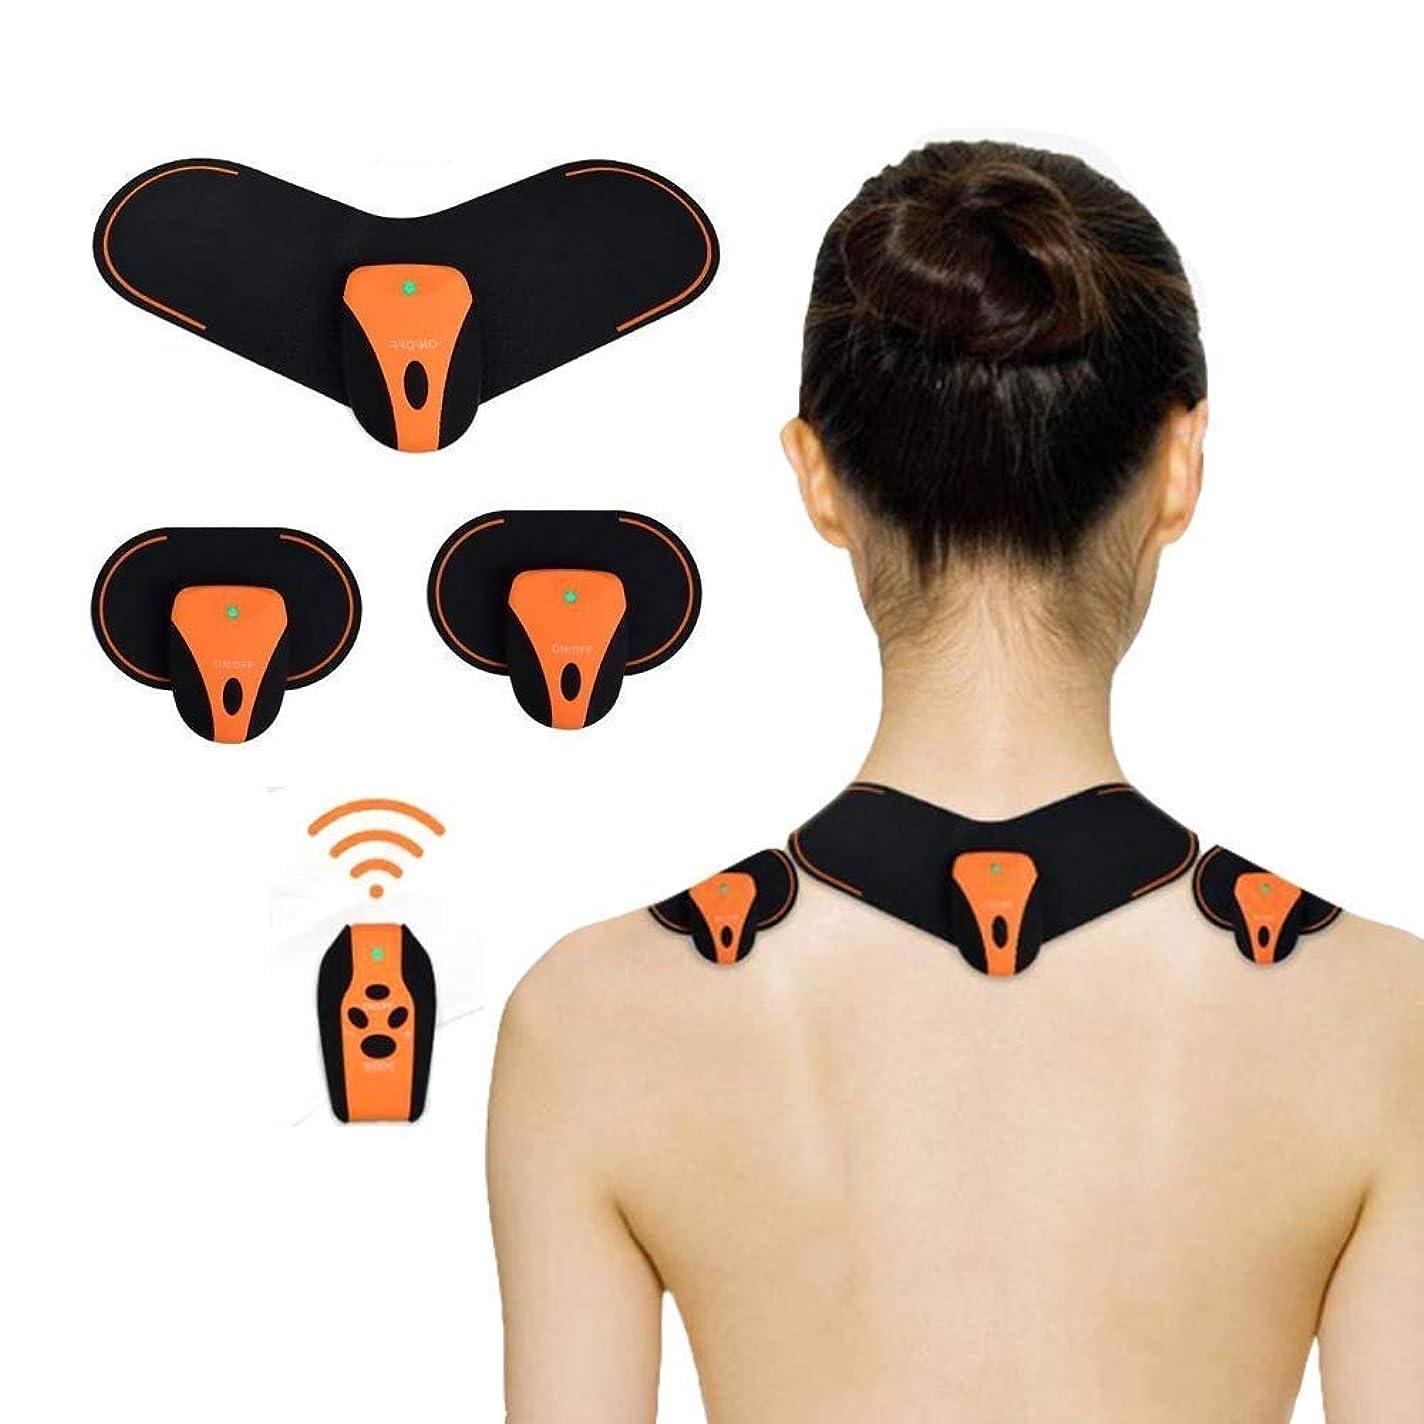 道徳教育もっと少なく部分マッサージステッカー 電子筋肉刺激物機械、線維筋痛症/関節炎/肩/神経/首/背部苦痛の救助のための脈拍の刺激物EMS 10の機械、疼痛のリハビリテーションのための電気マッサージャー